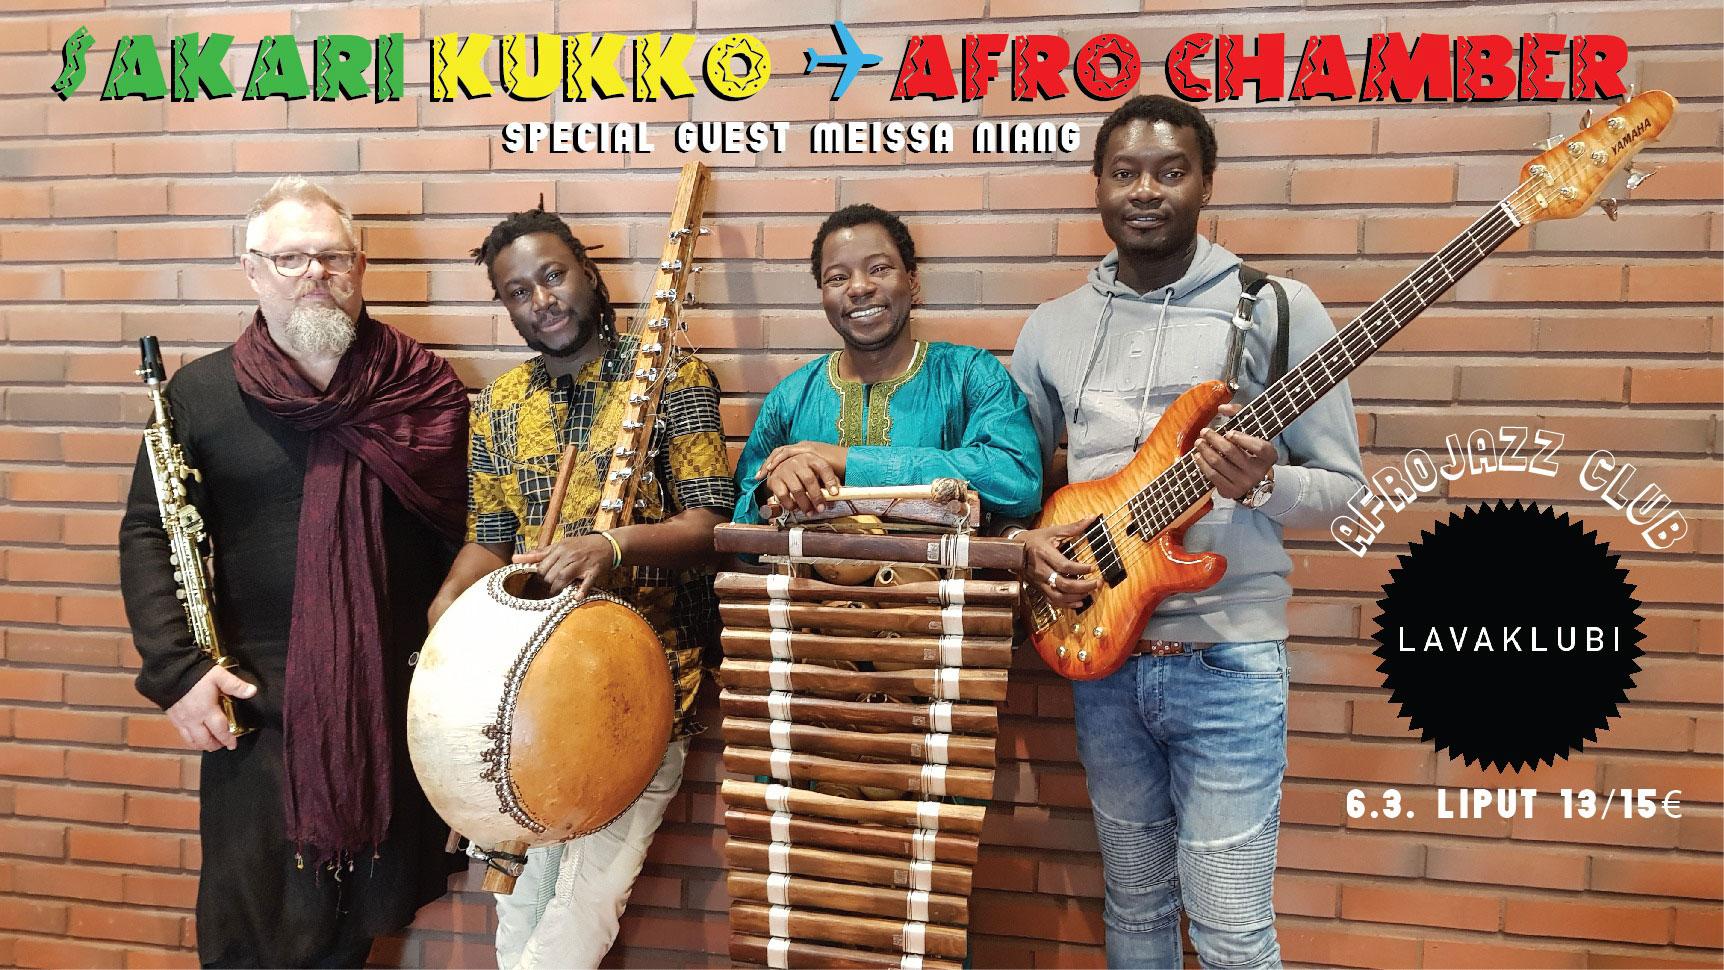 Link to event Afrojazz Club: Sakari Kukko - Afro Chamber